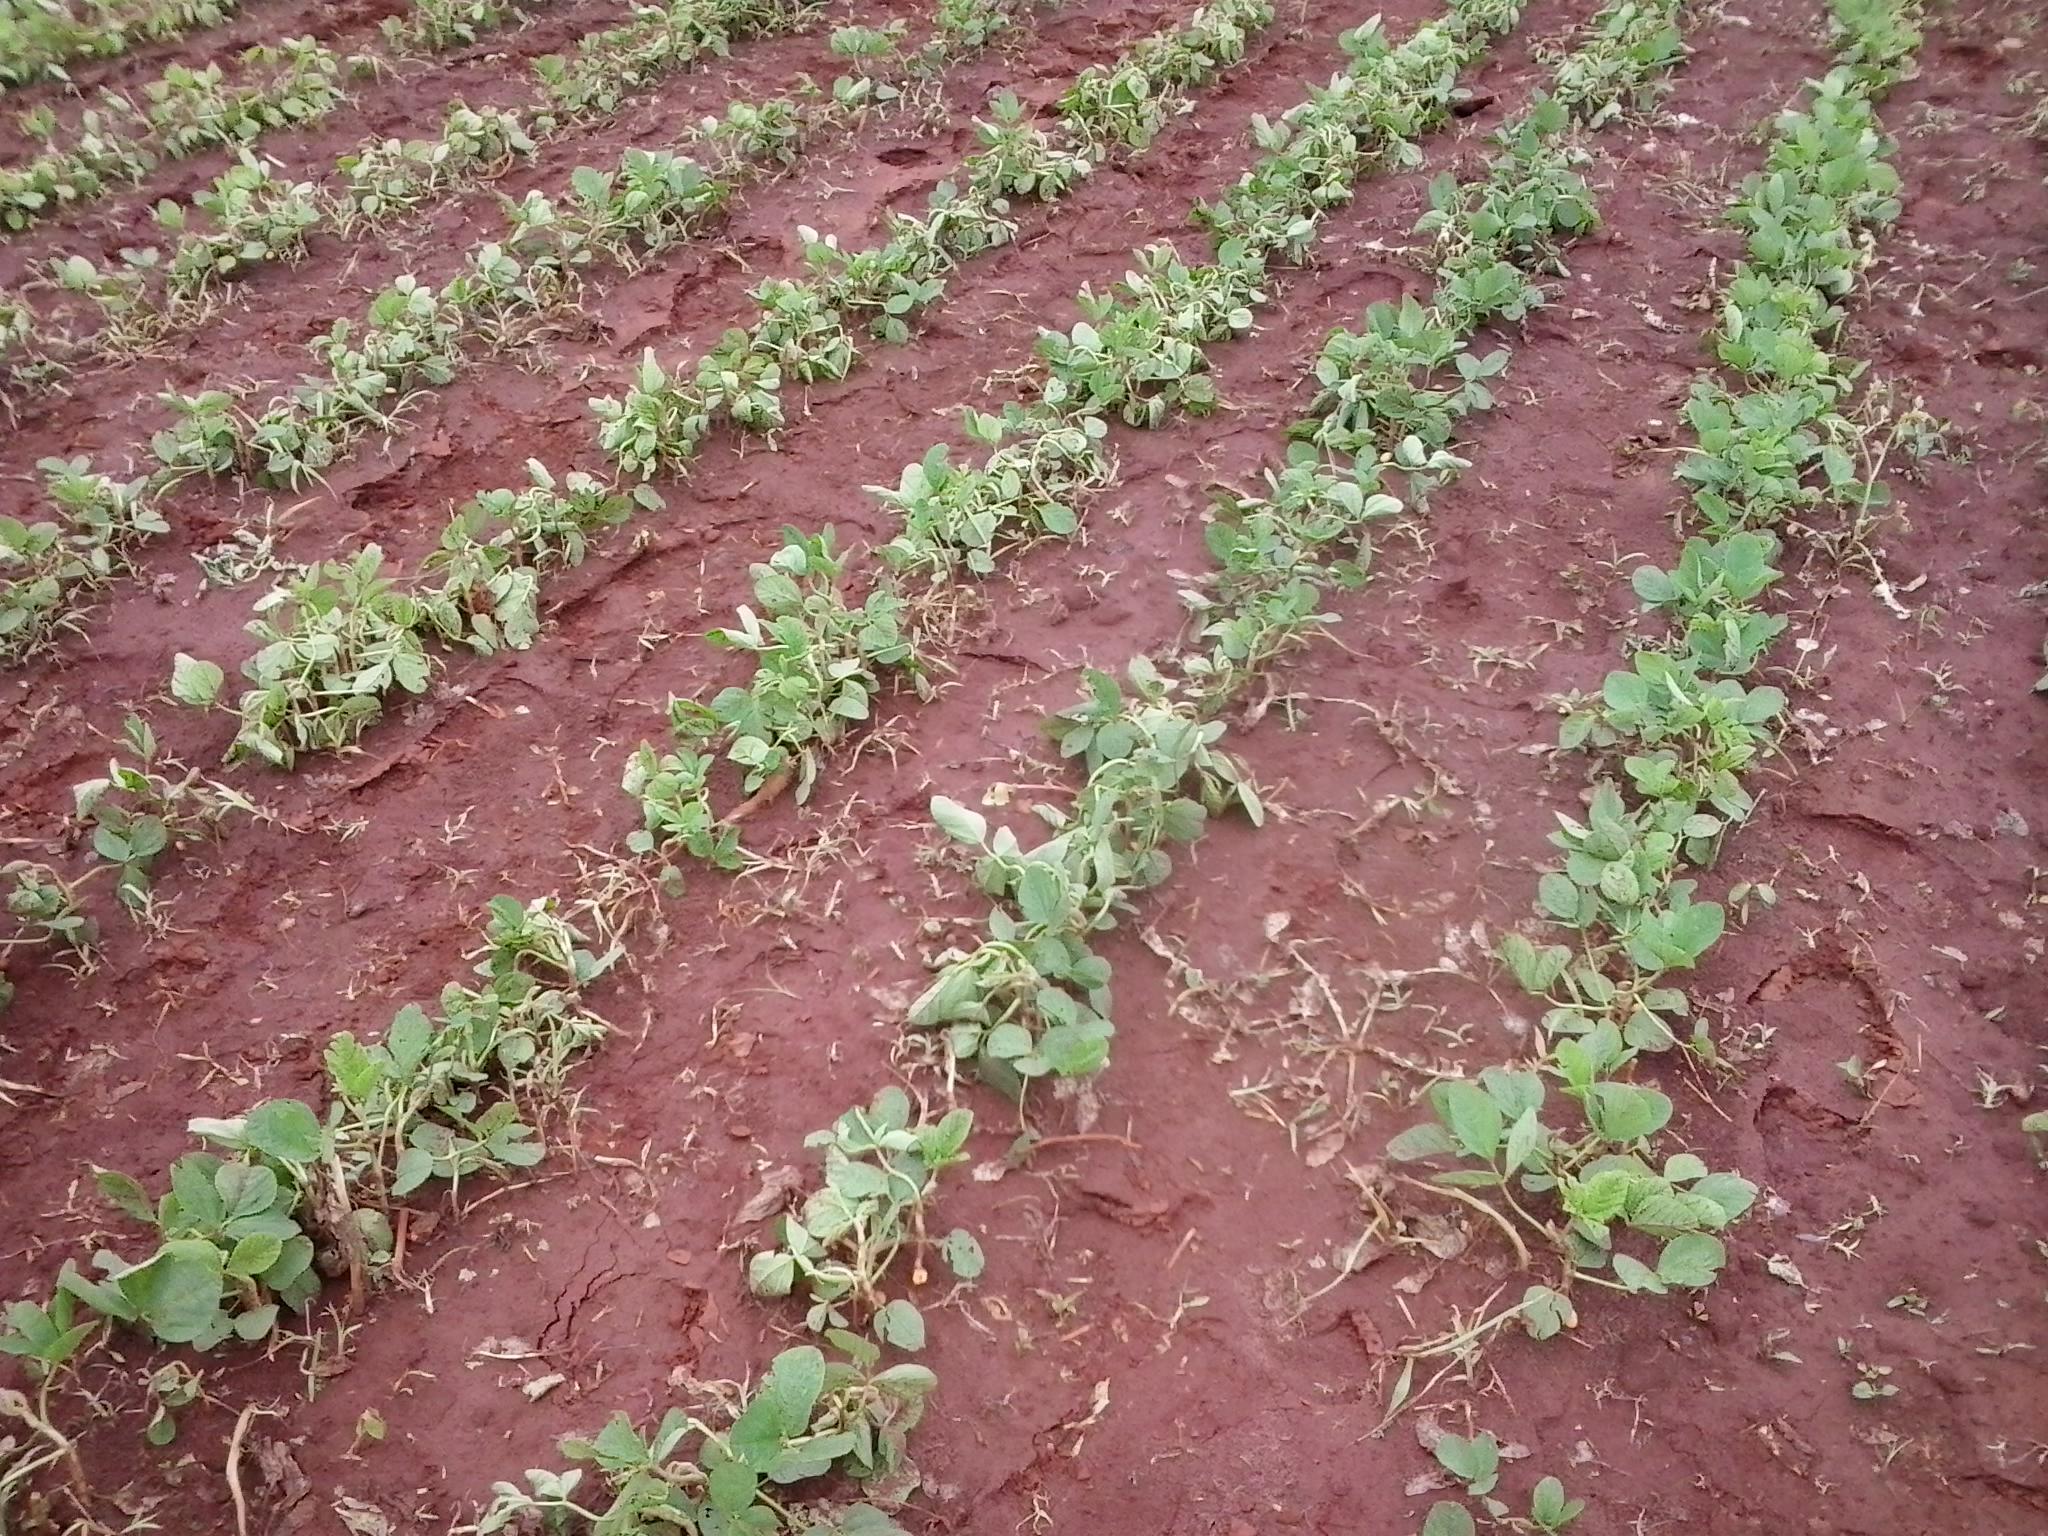 foto campeonato sintoma herbicida